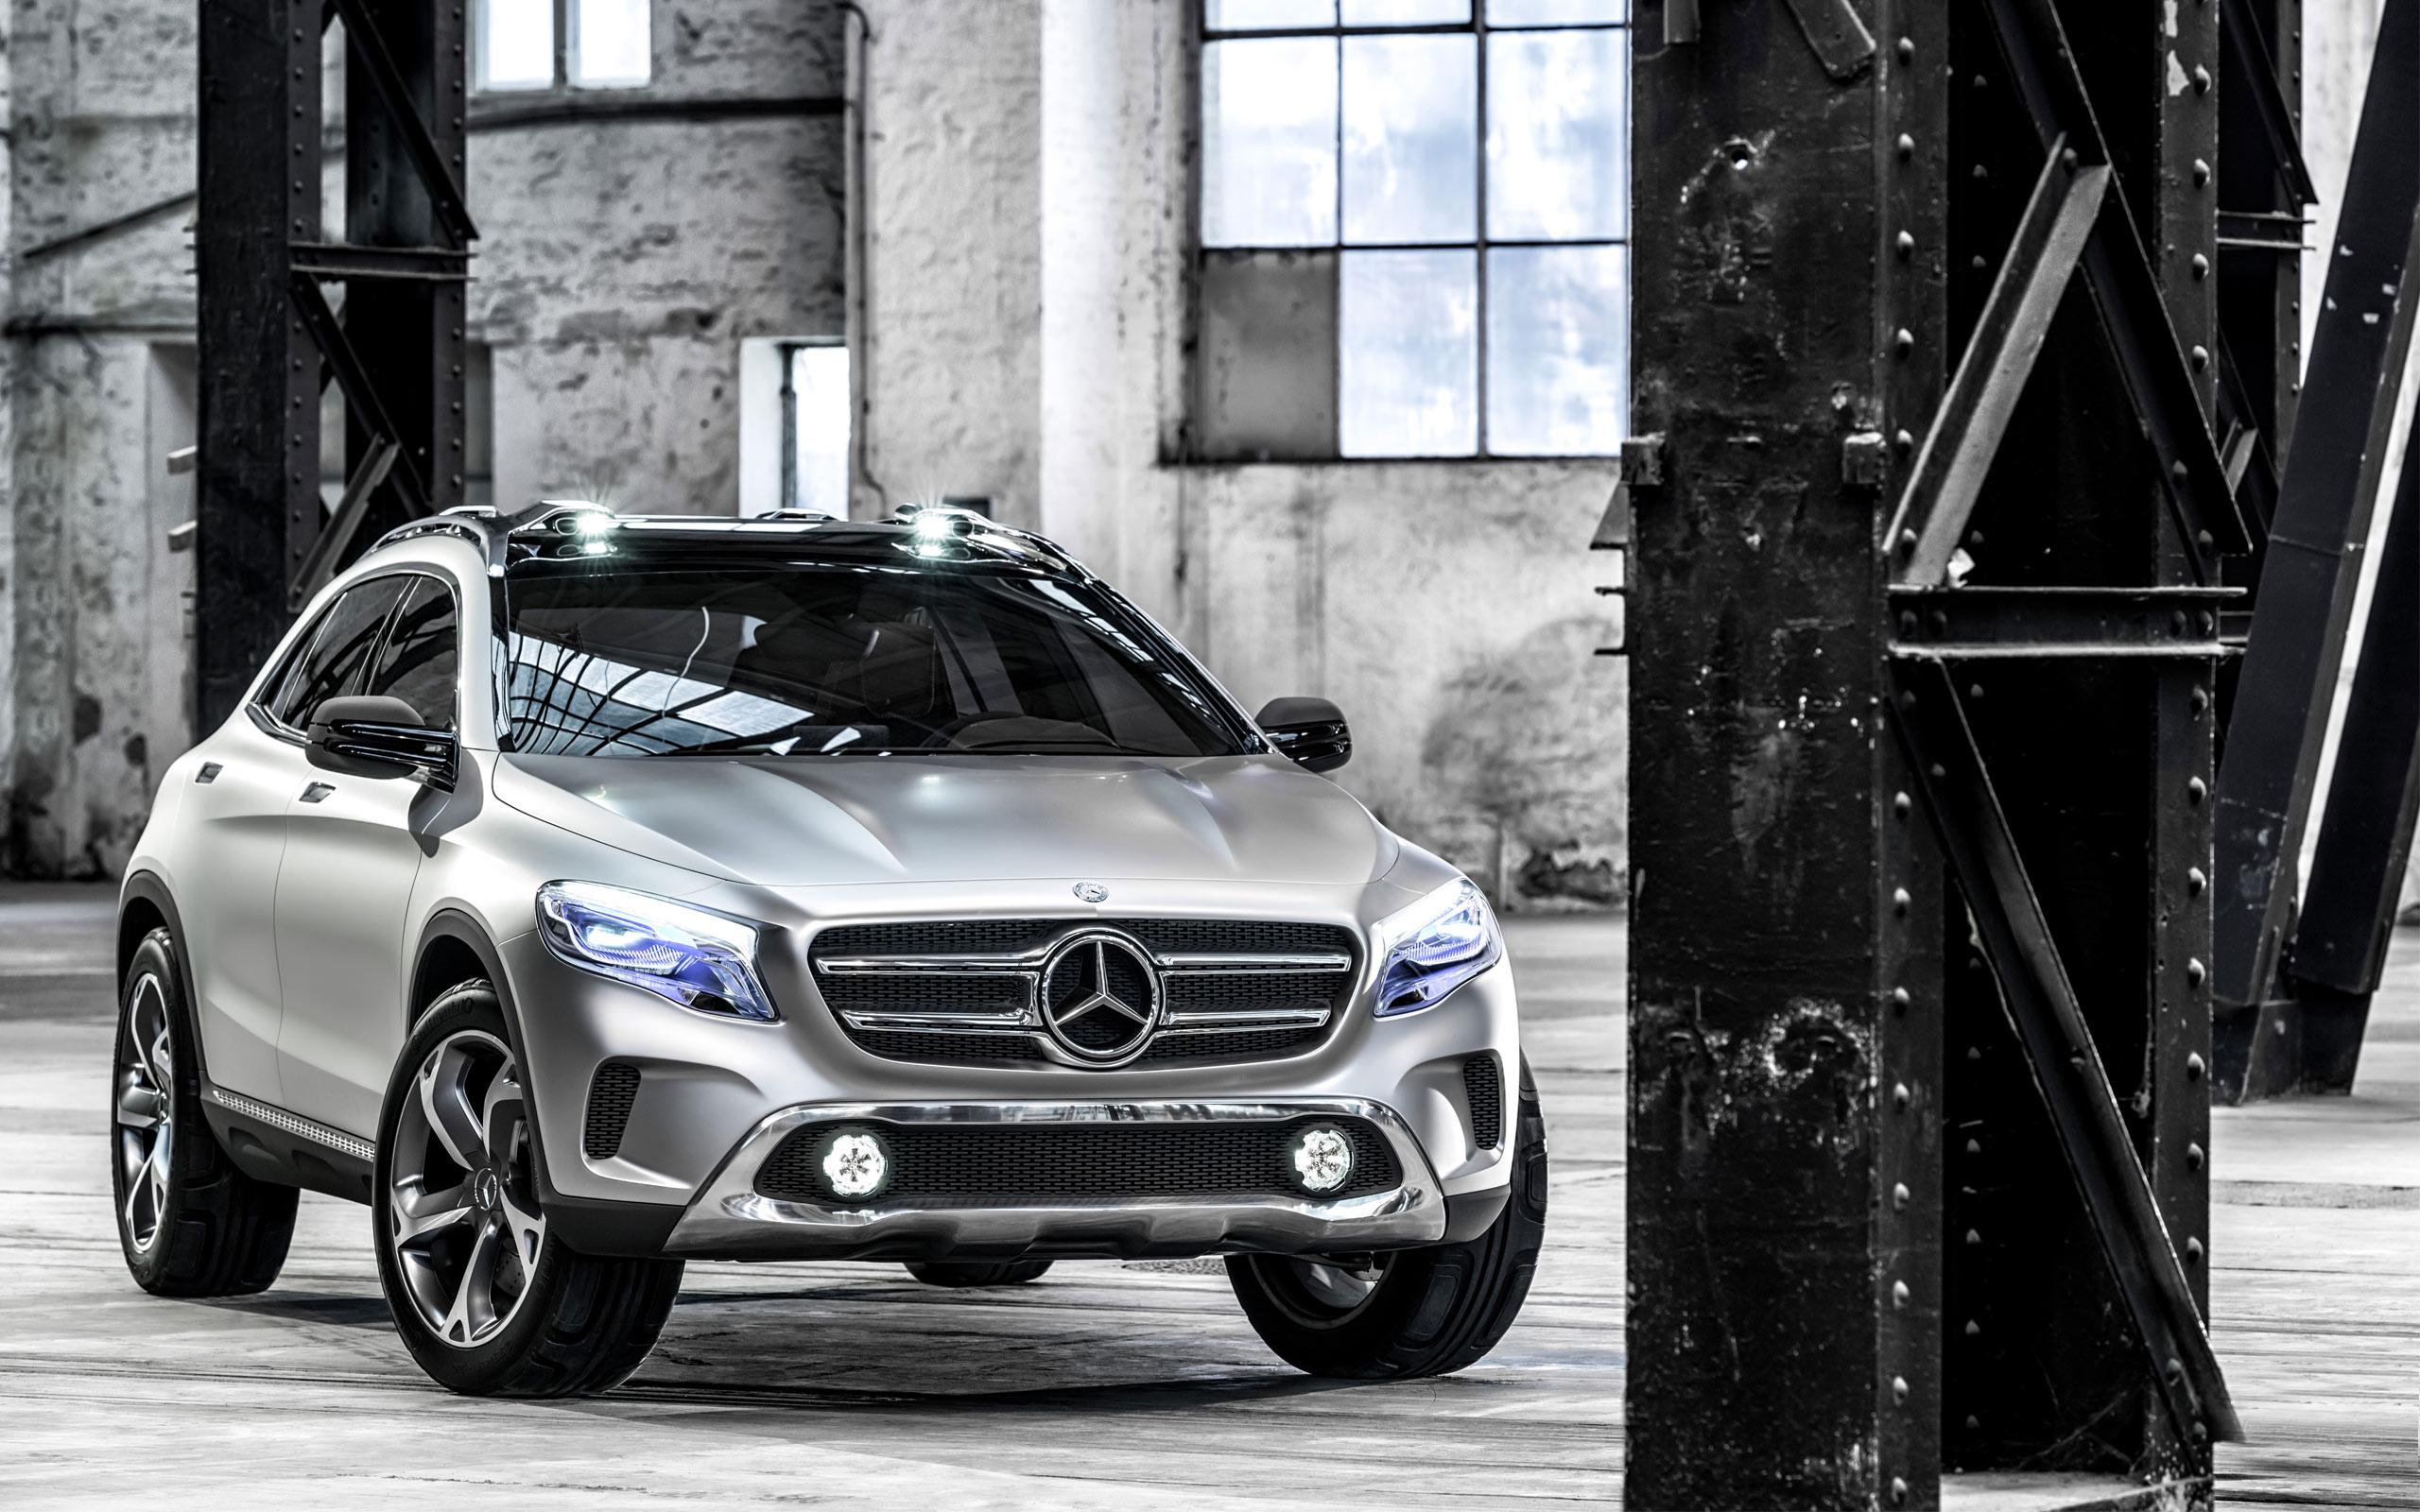 Mercedes benz gla concept 2013 wallpaper hd car for 2013 mercedes benz gla